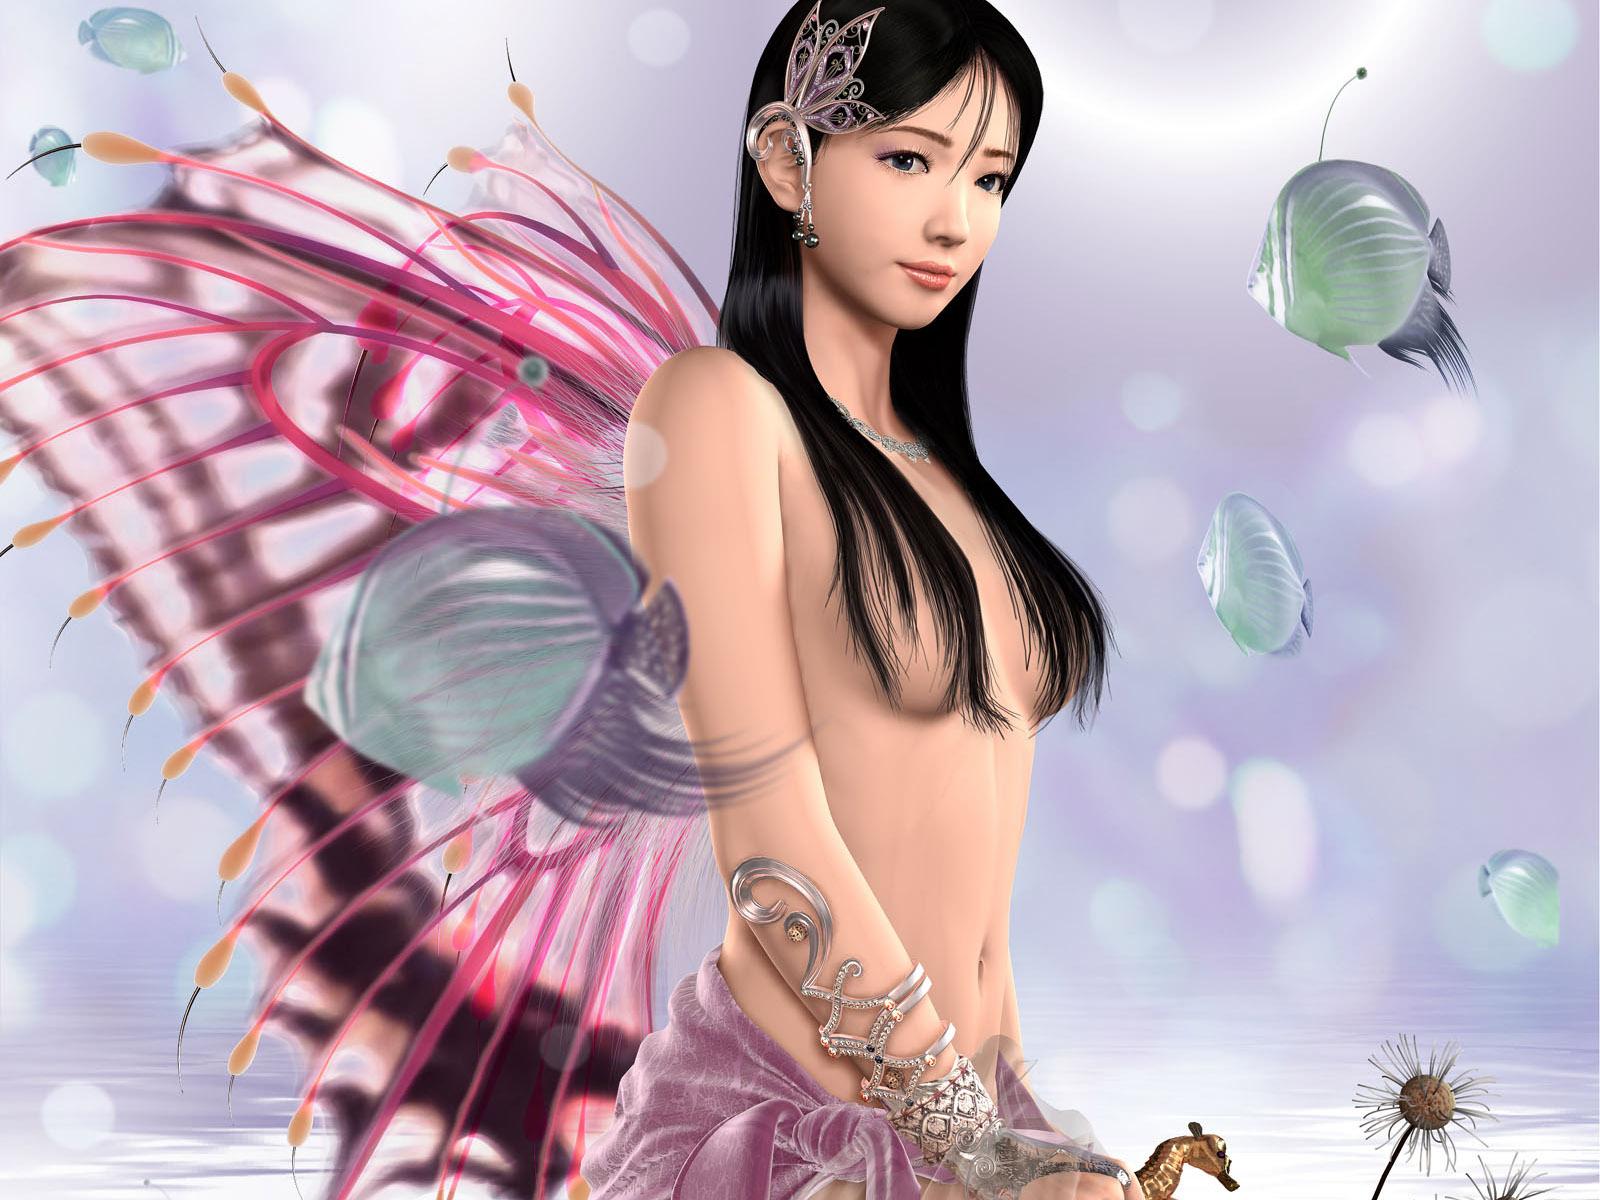 http://4.bp.blogspot.com/-aZhHtk3TBv0/TrJfDD11nJI/AAAAAAAAAJ8/ODjTUklzc5M/s1600/3D-butterfly-wings-sexy-angel-wallpaper-tab.jpg